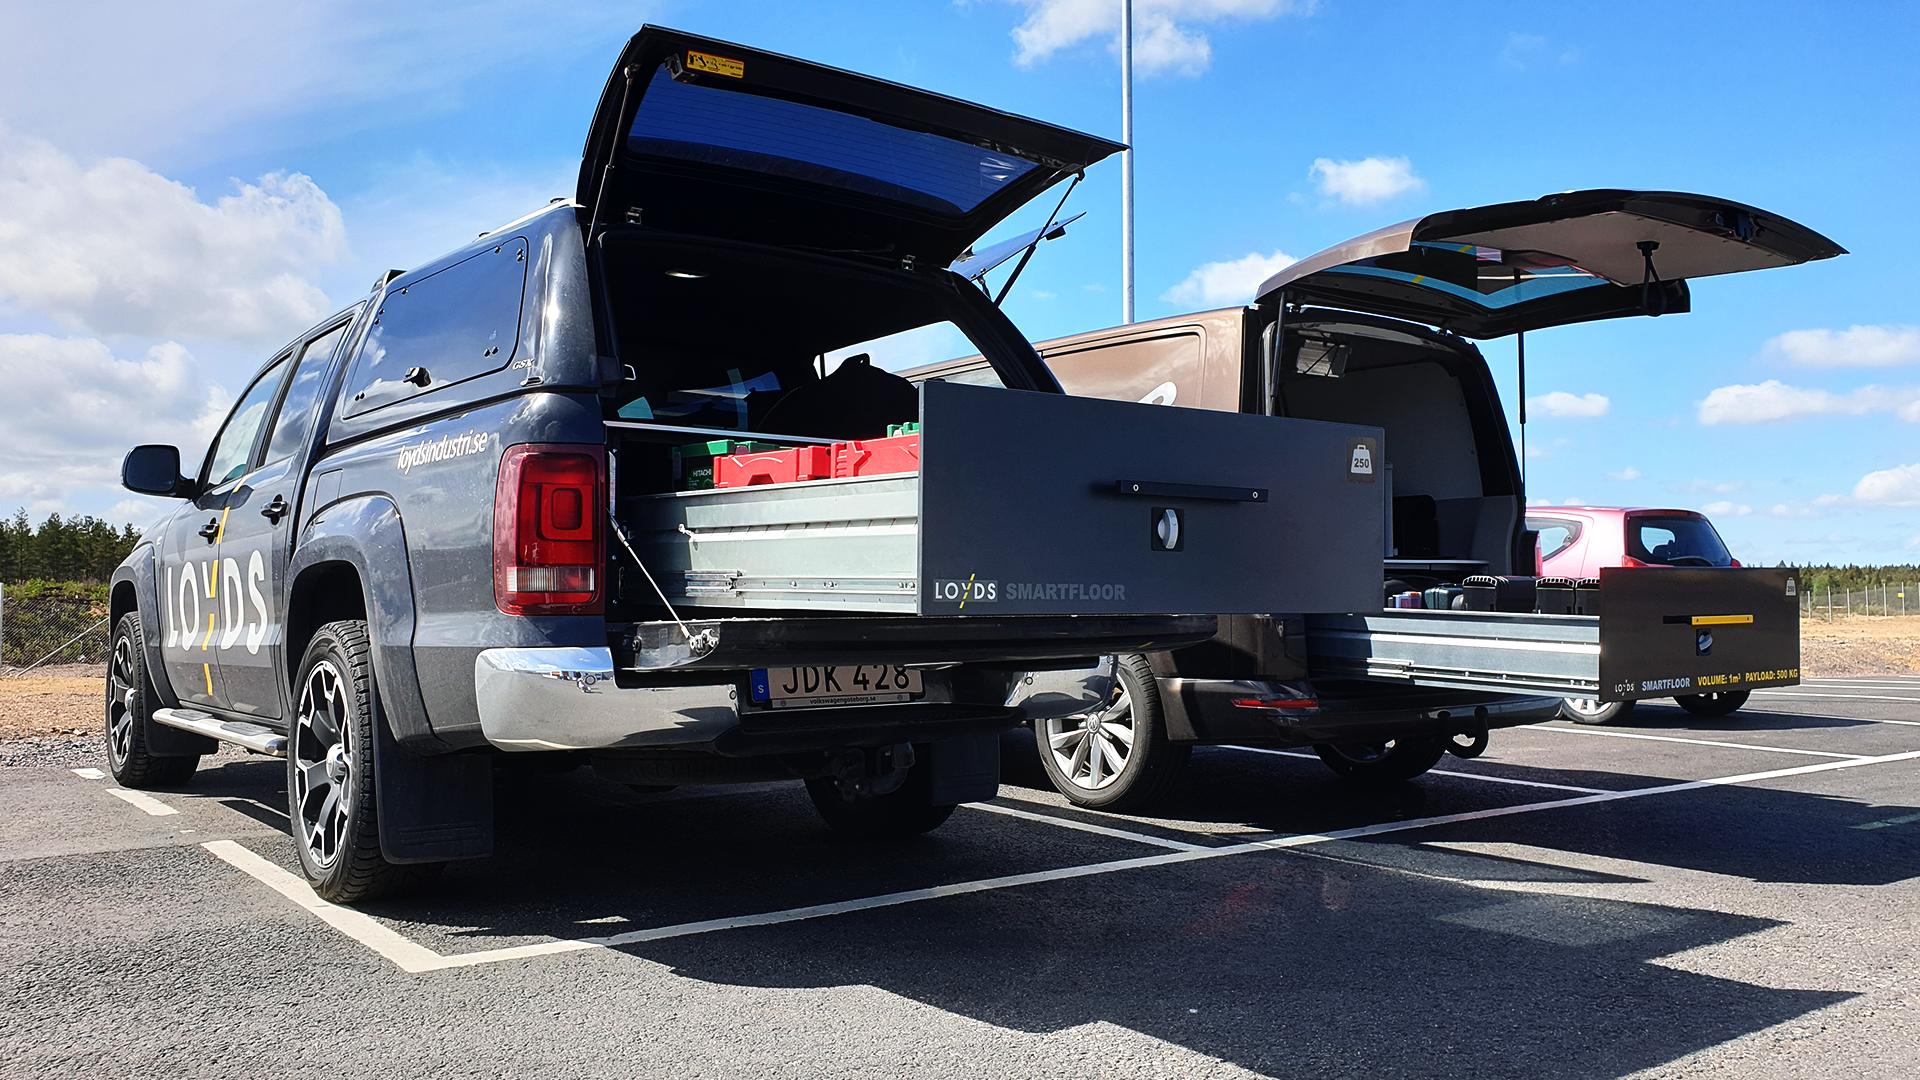 Bilinnredning og skuffer: Organisering av store skuffer i varerommet